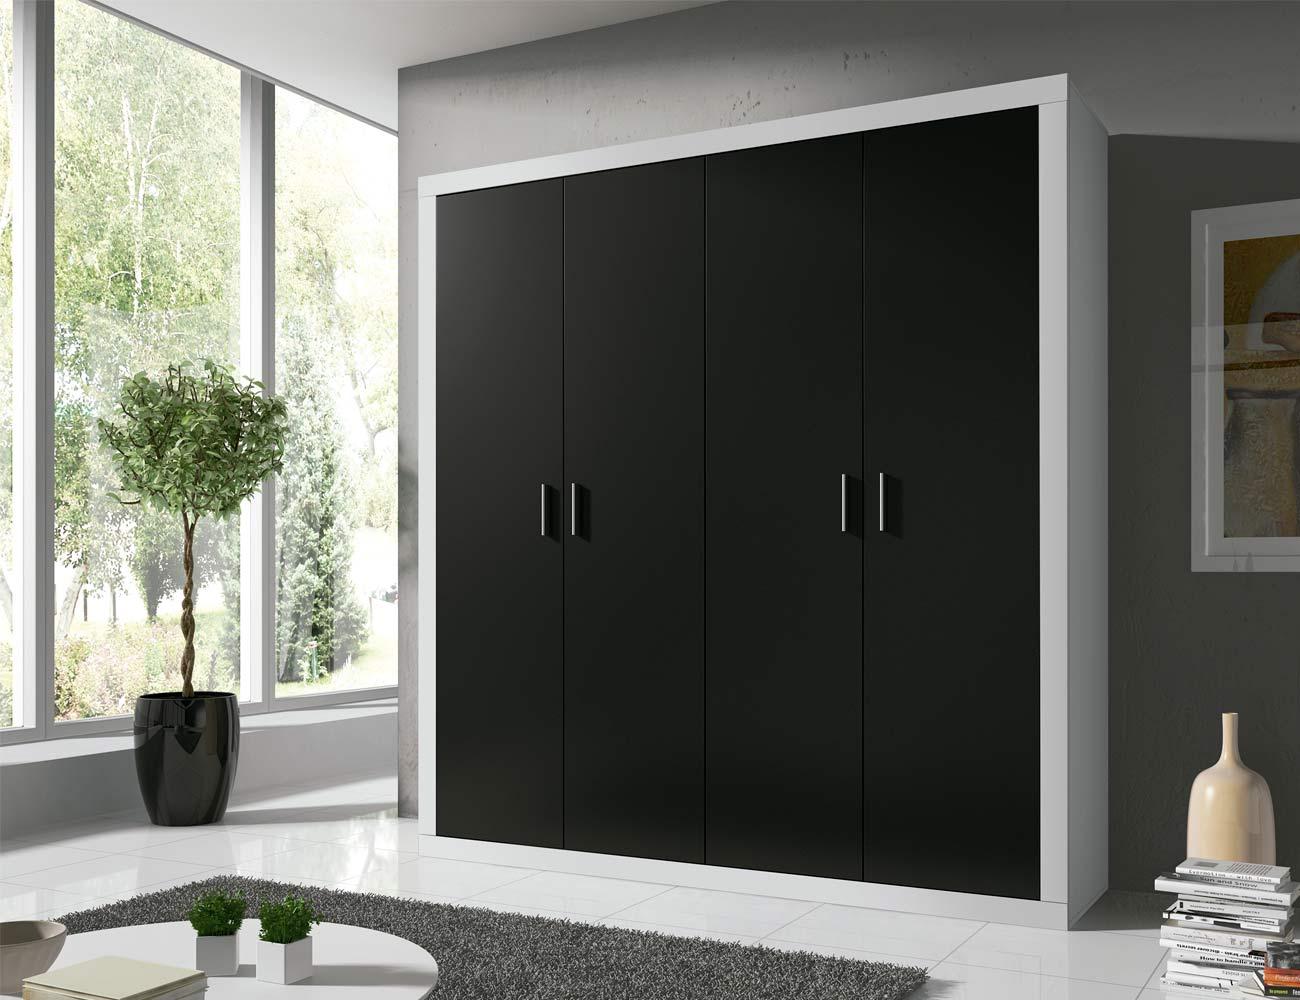 Detalle armario puertas abatibles blanco grafito1